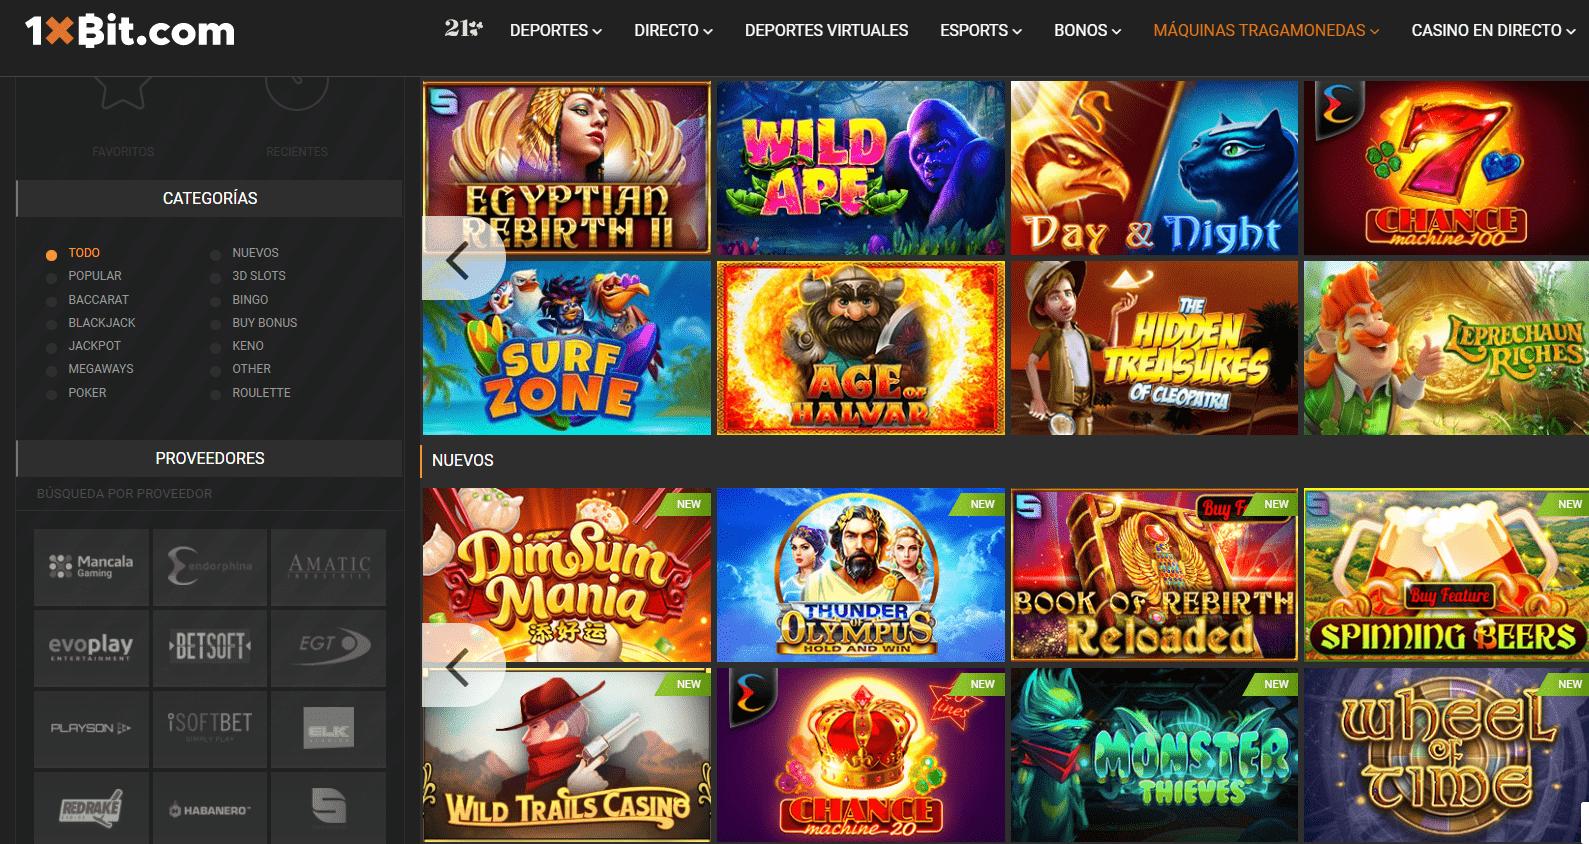 Lista de juegos 1xbit Casino